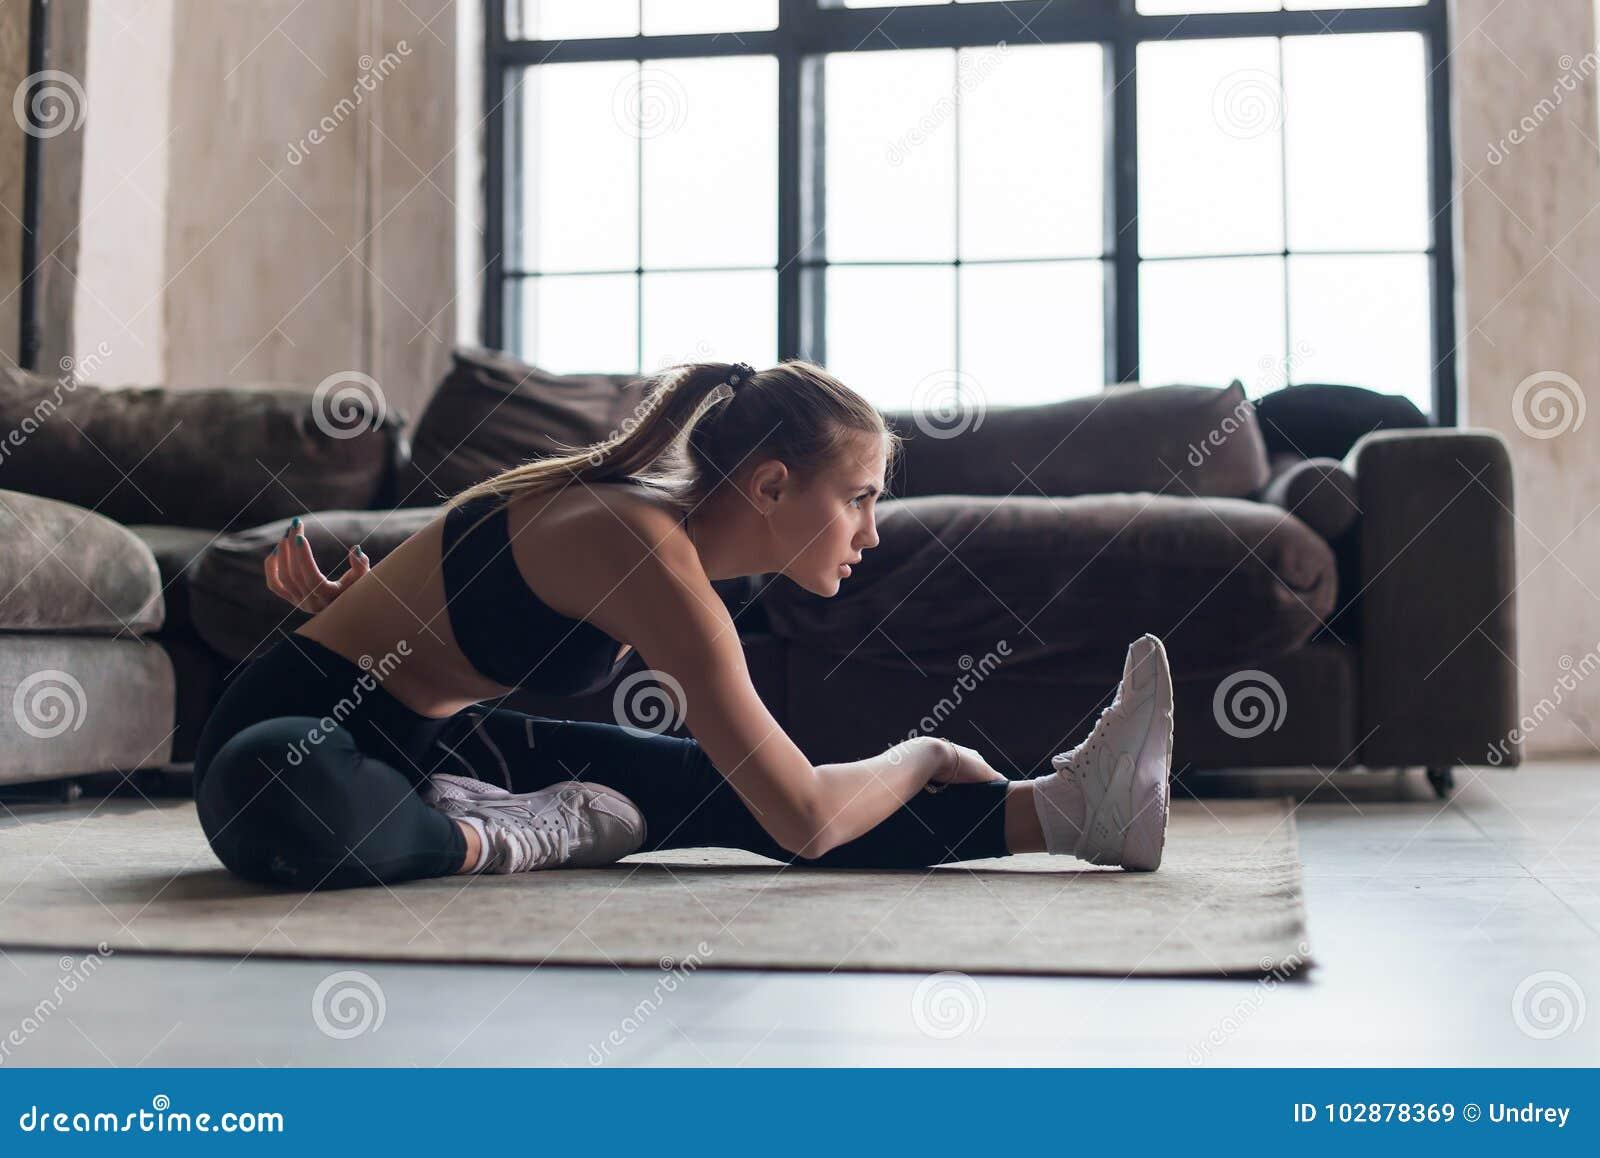 Slank idrottskvinna i sportswear som värmer muskler upp för genomkörare som gör sträcka övningssammanträde på golv hemma